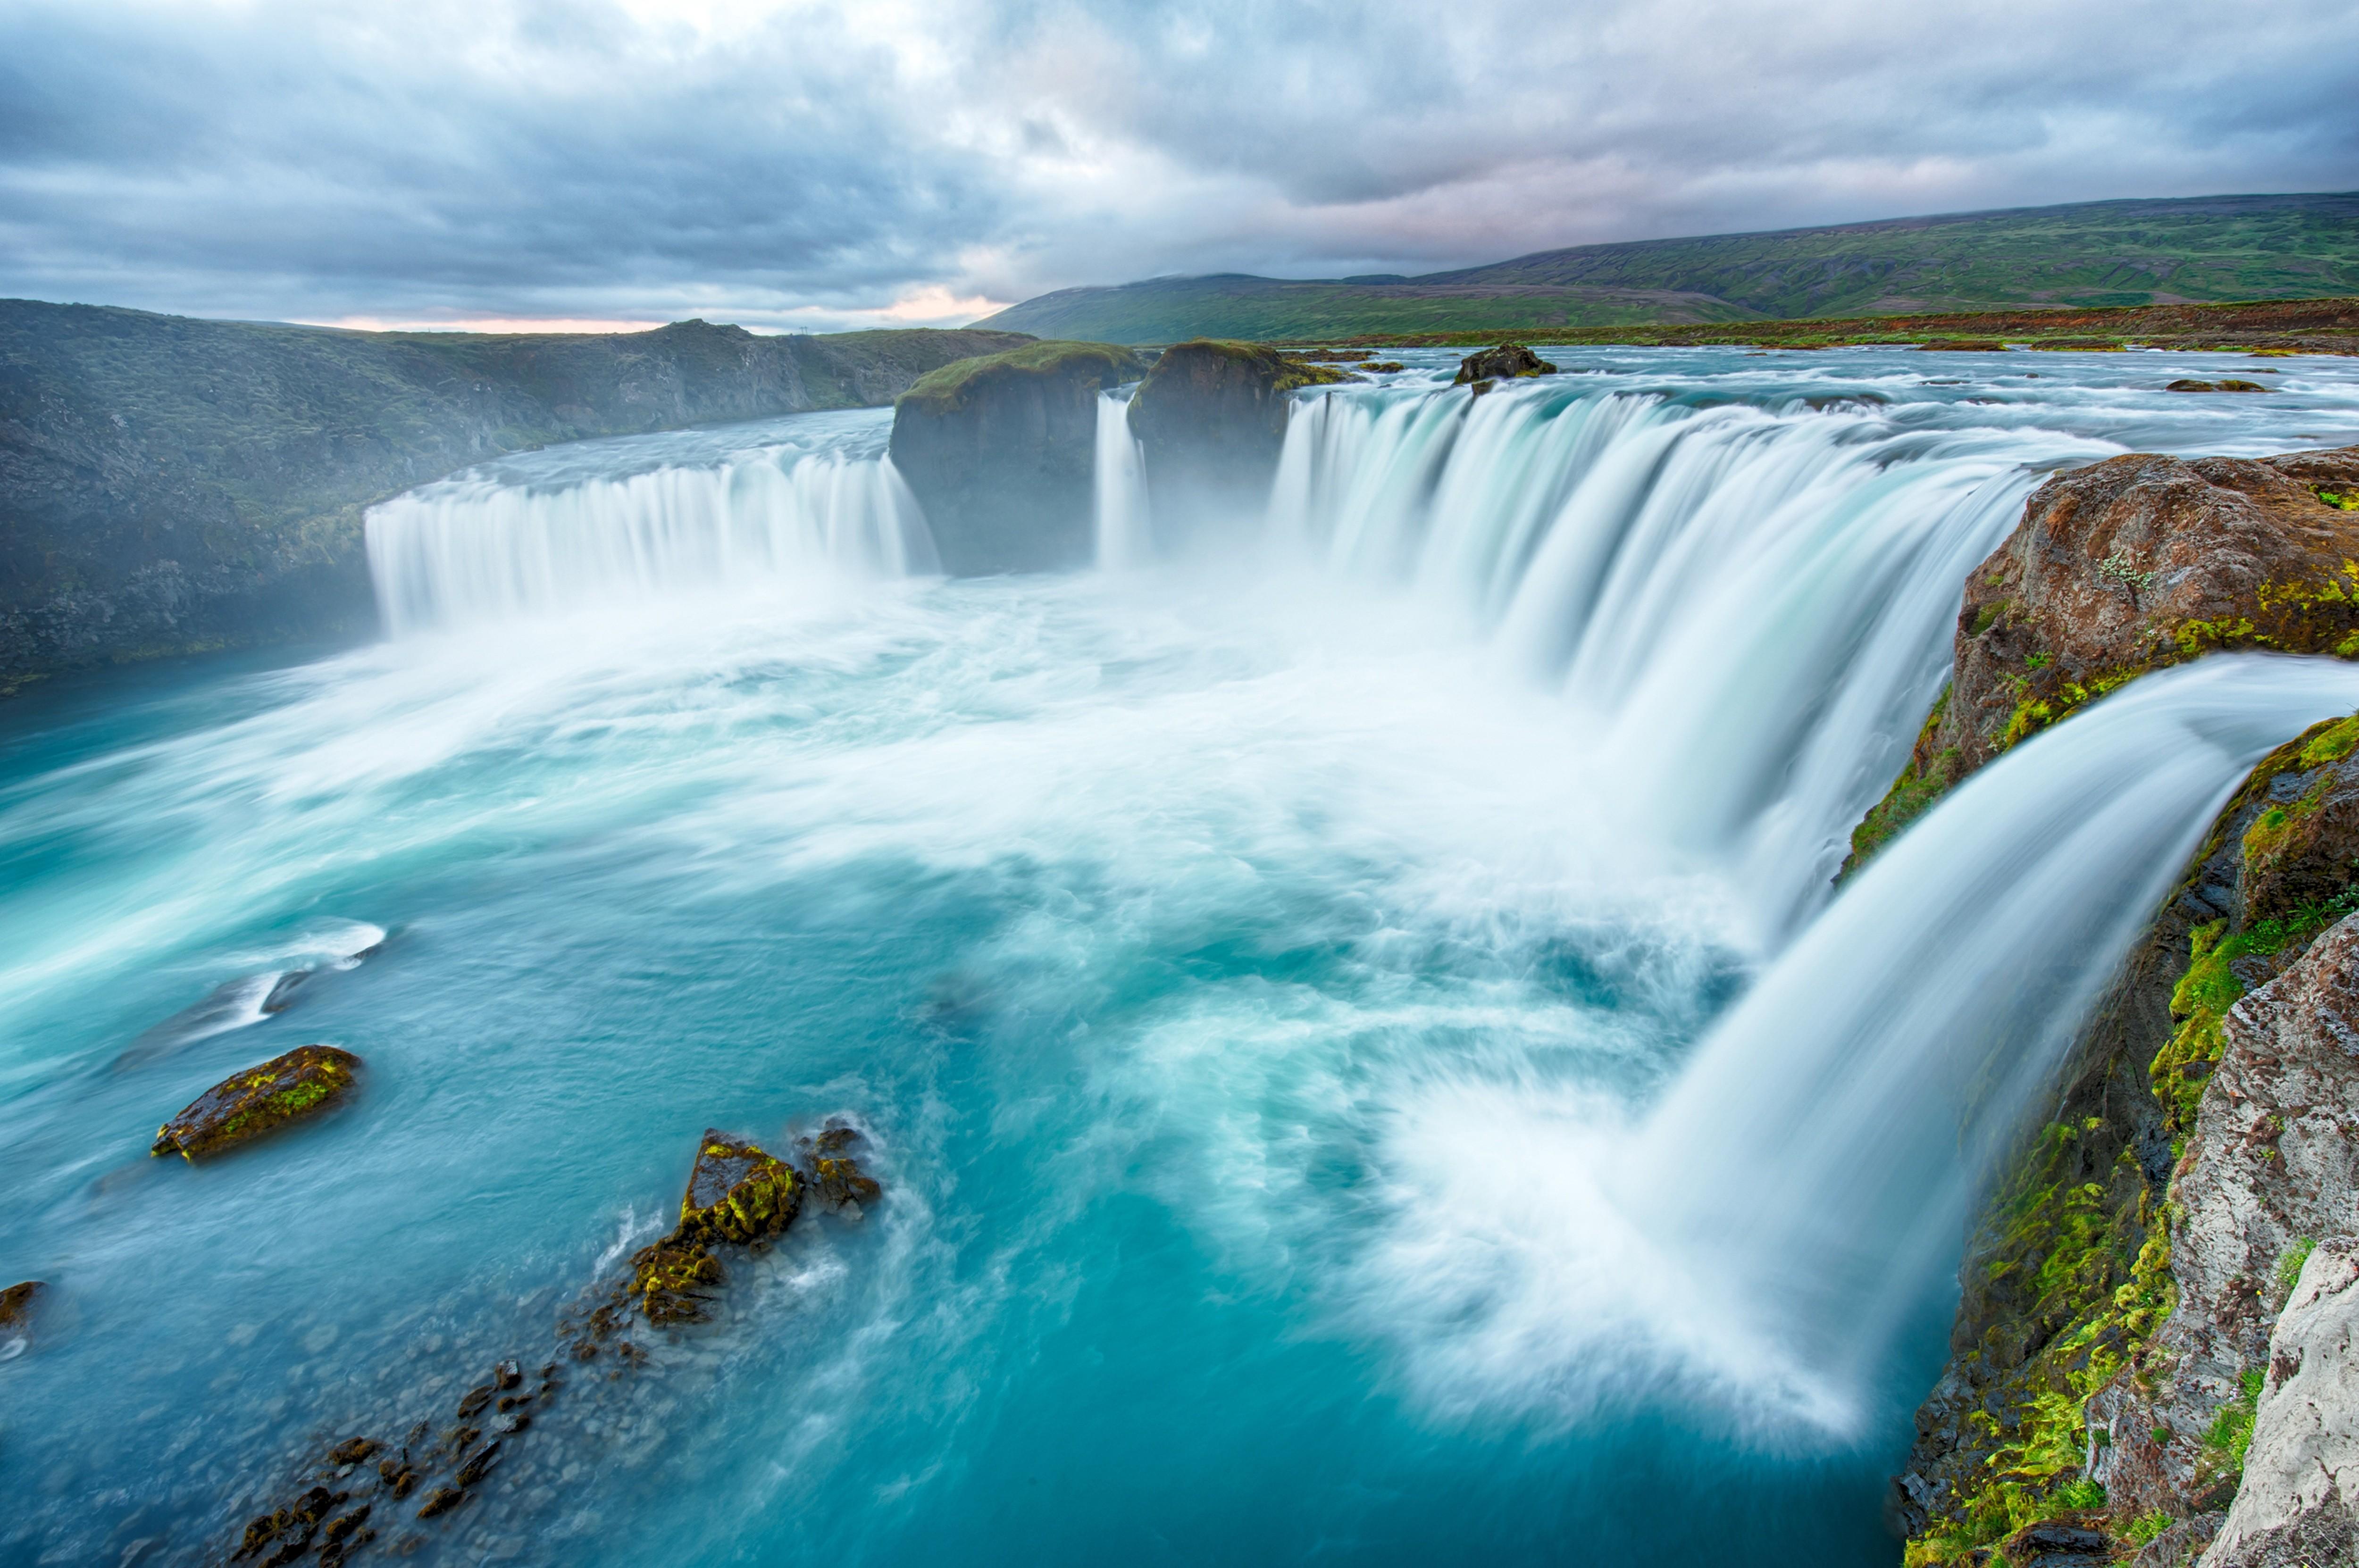 выработали картинки про водопад как